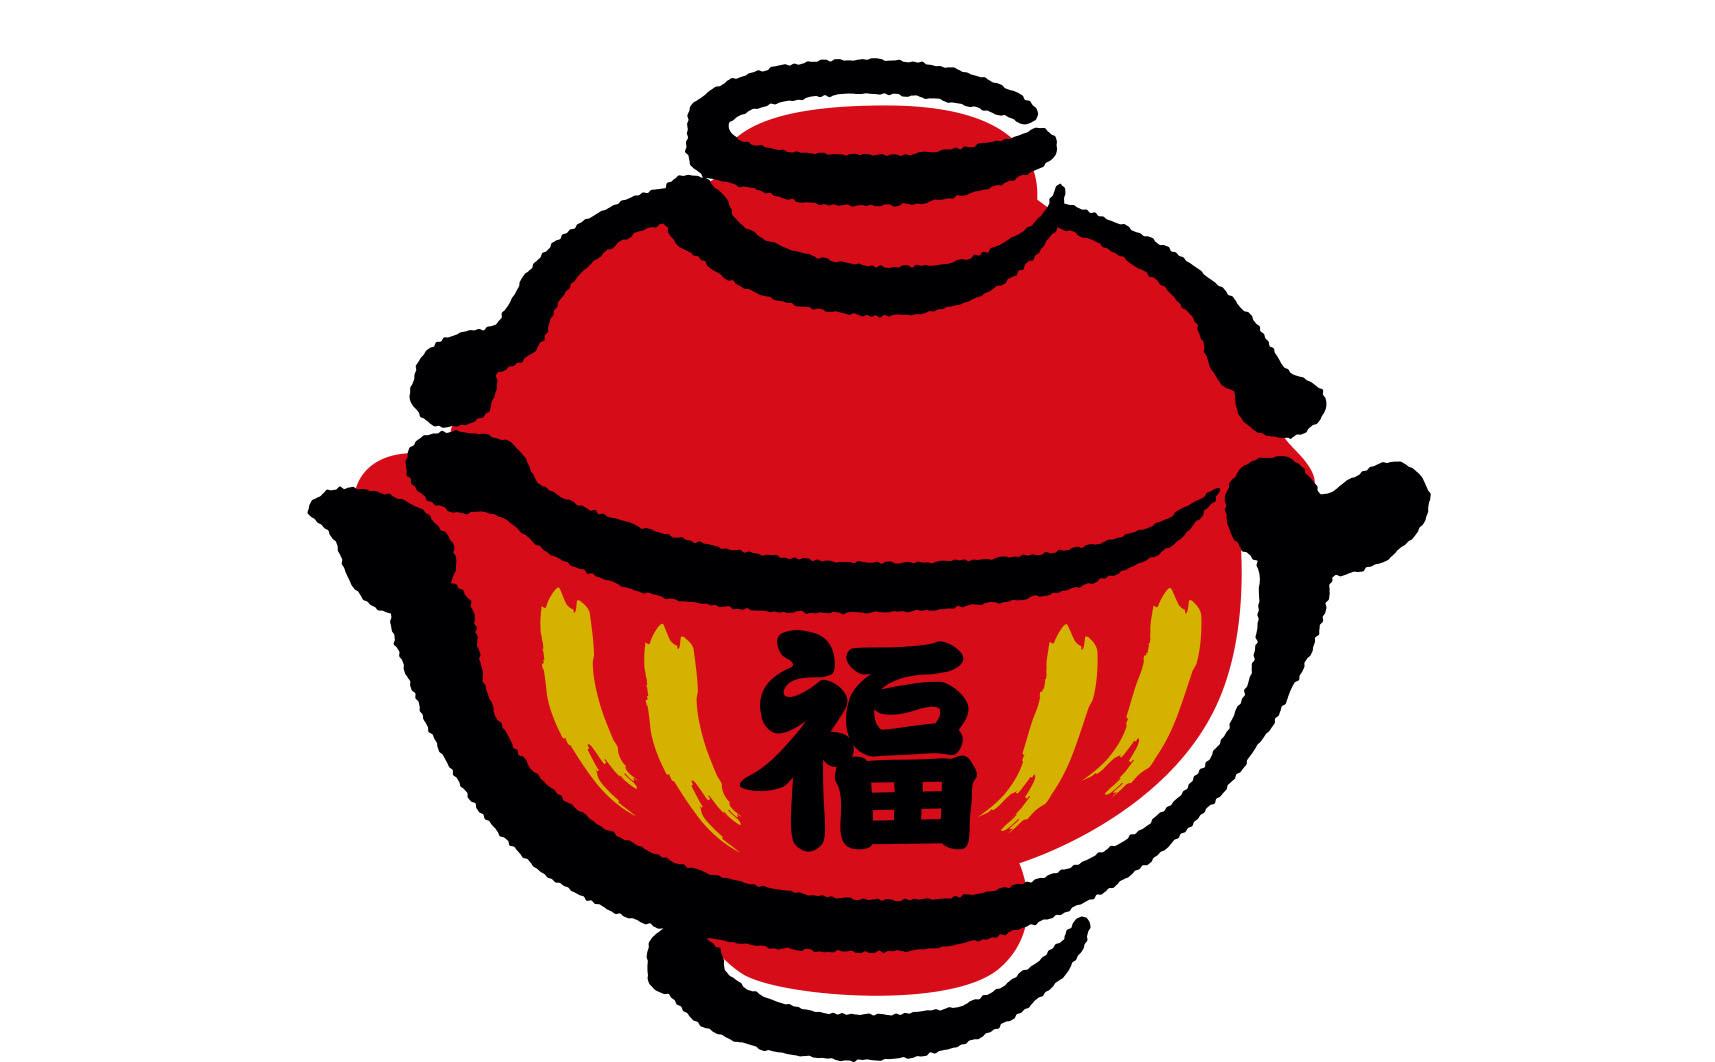 福丼カップの出店を決める福丼ウェブ投票ス…